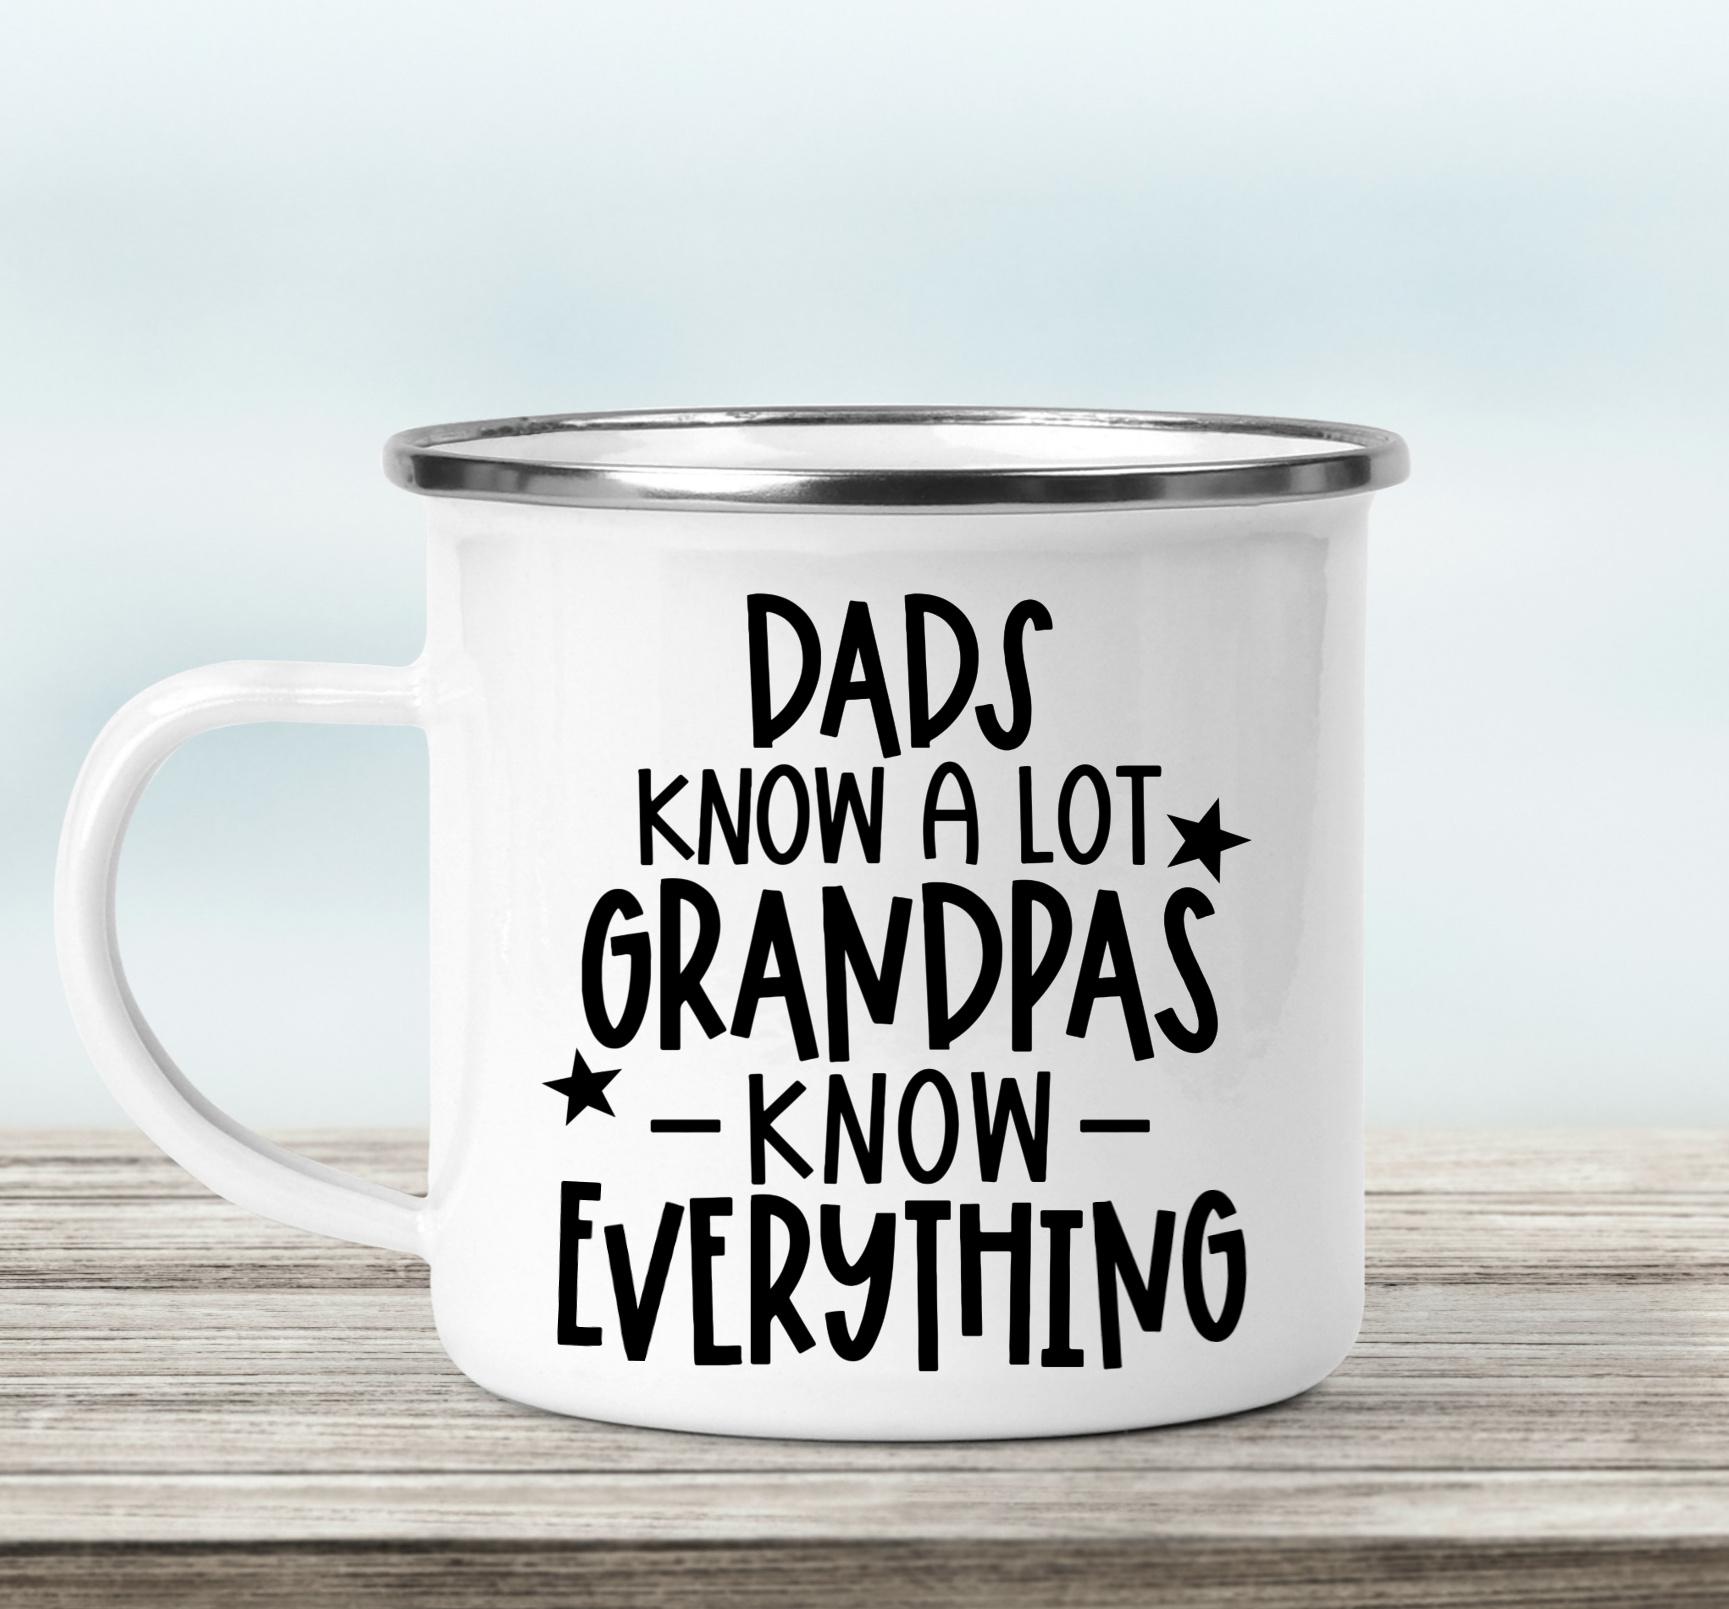 Grandpa Mug with Free SVG Cut File